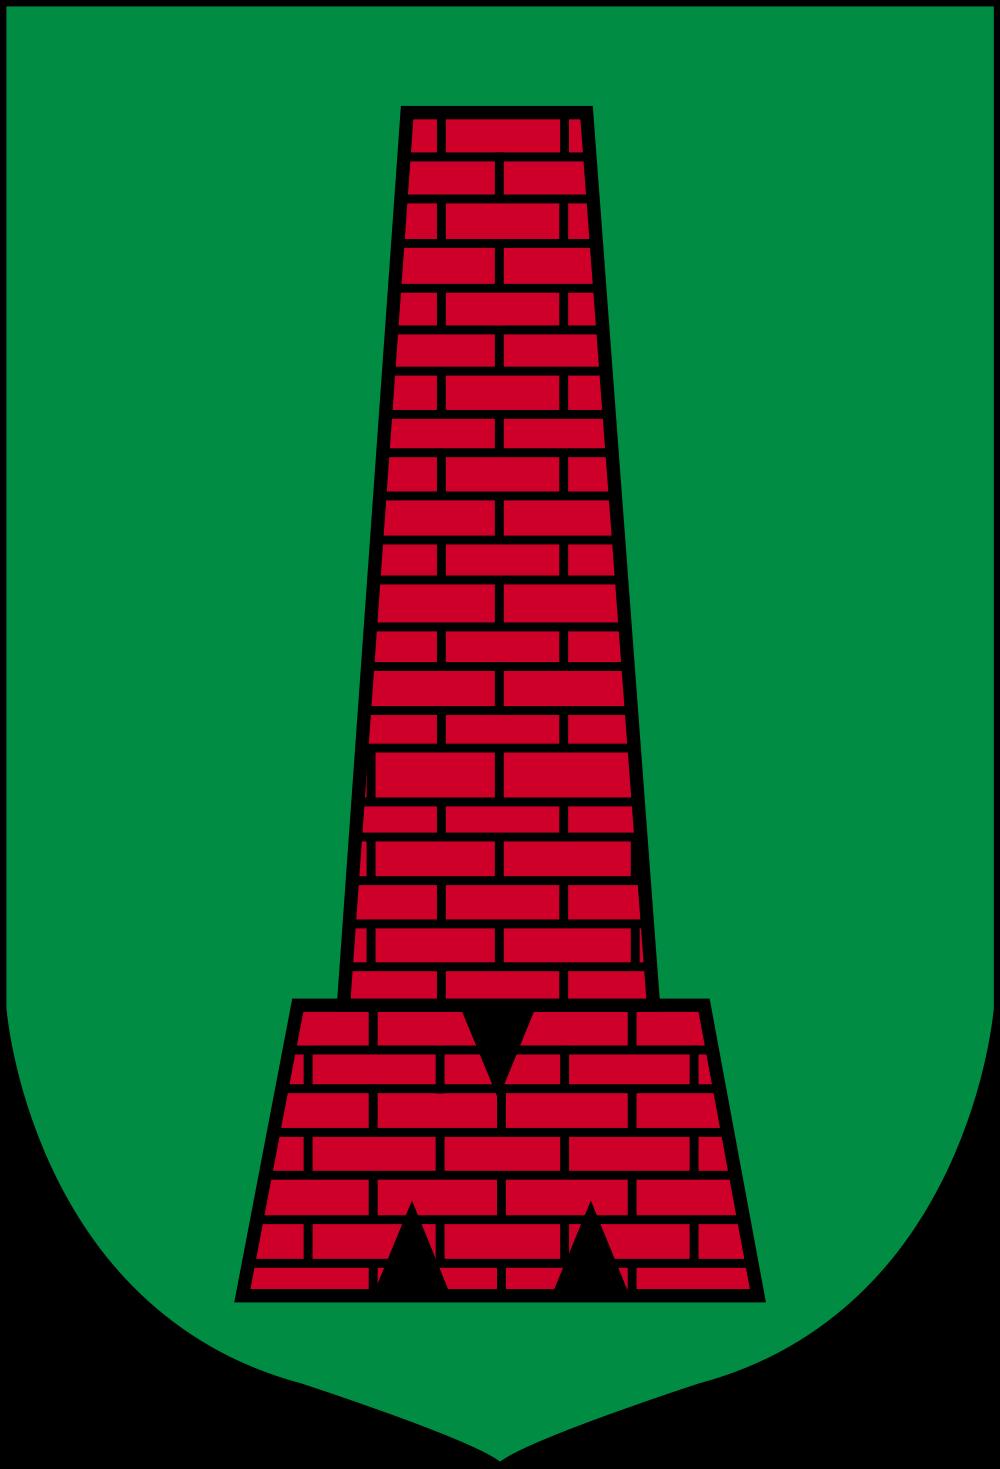 logotyp gmina-mokrsko.png